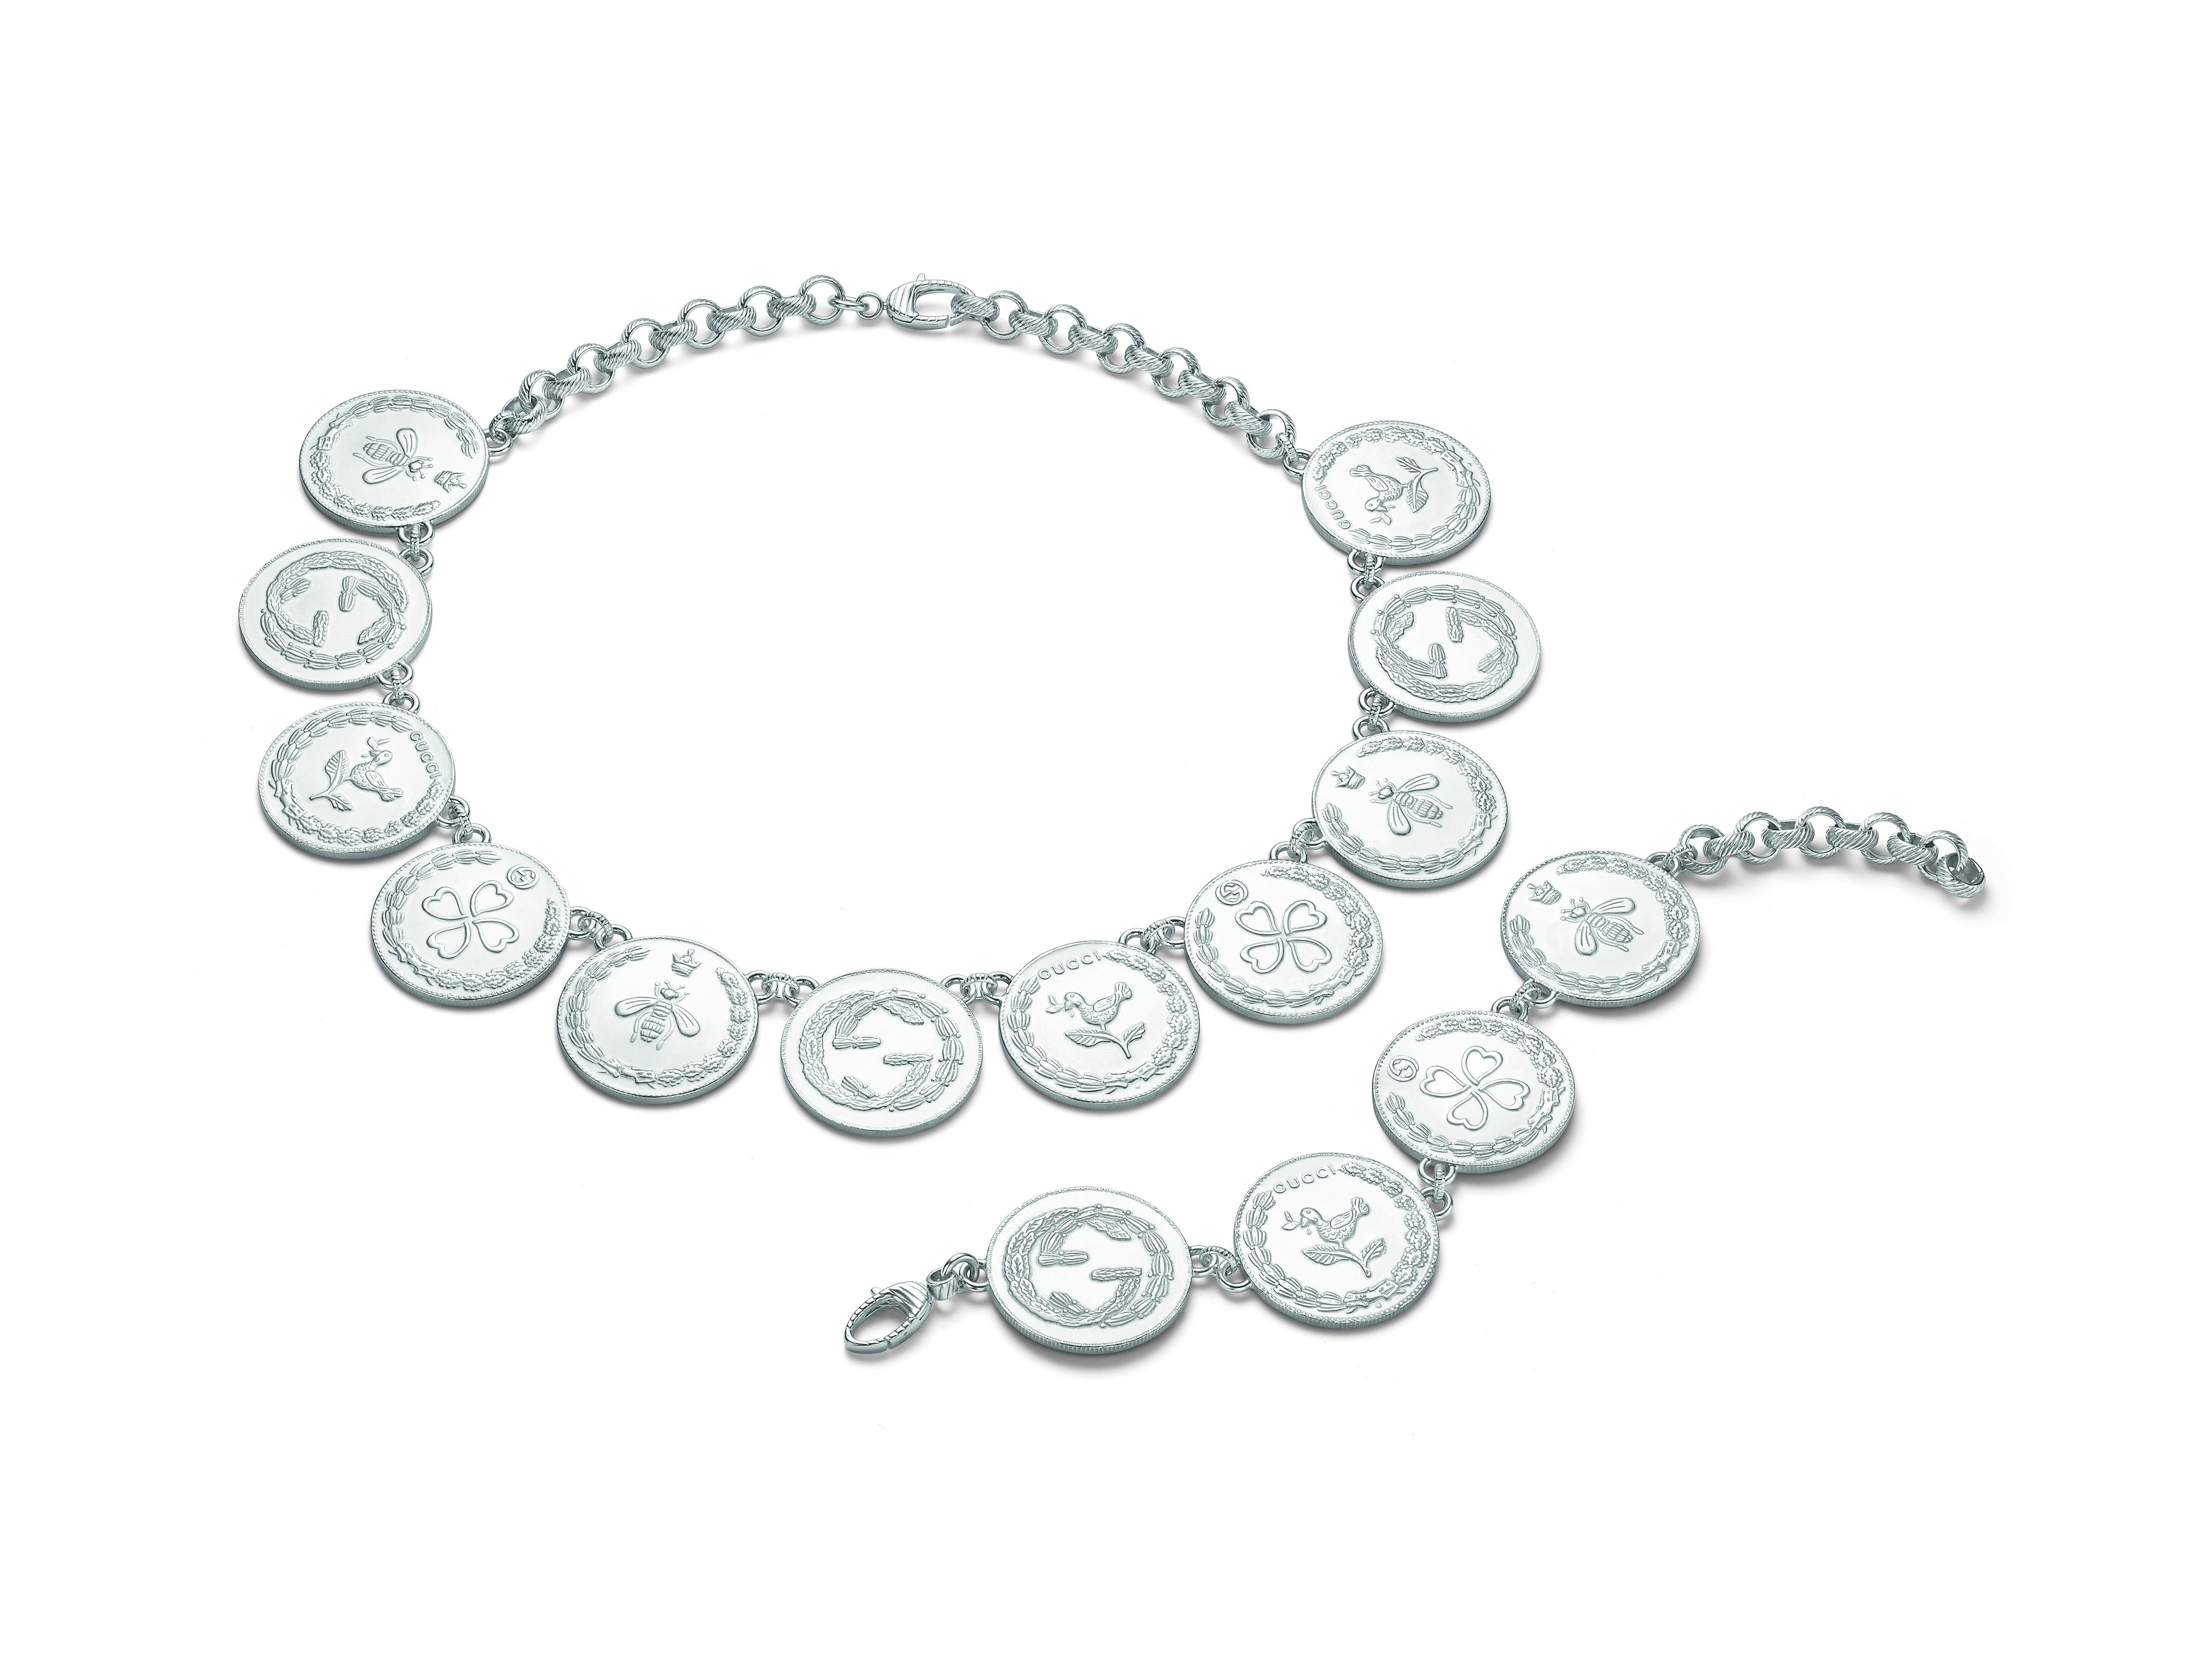 c3a0329a06 Gucci Jewelry declina in versione contemporanea i bracciali con charms  nella nuova parure che va ad arricchire la collezione di gioielli in  argento.